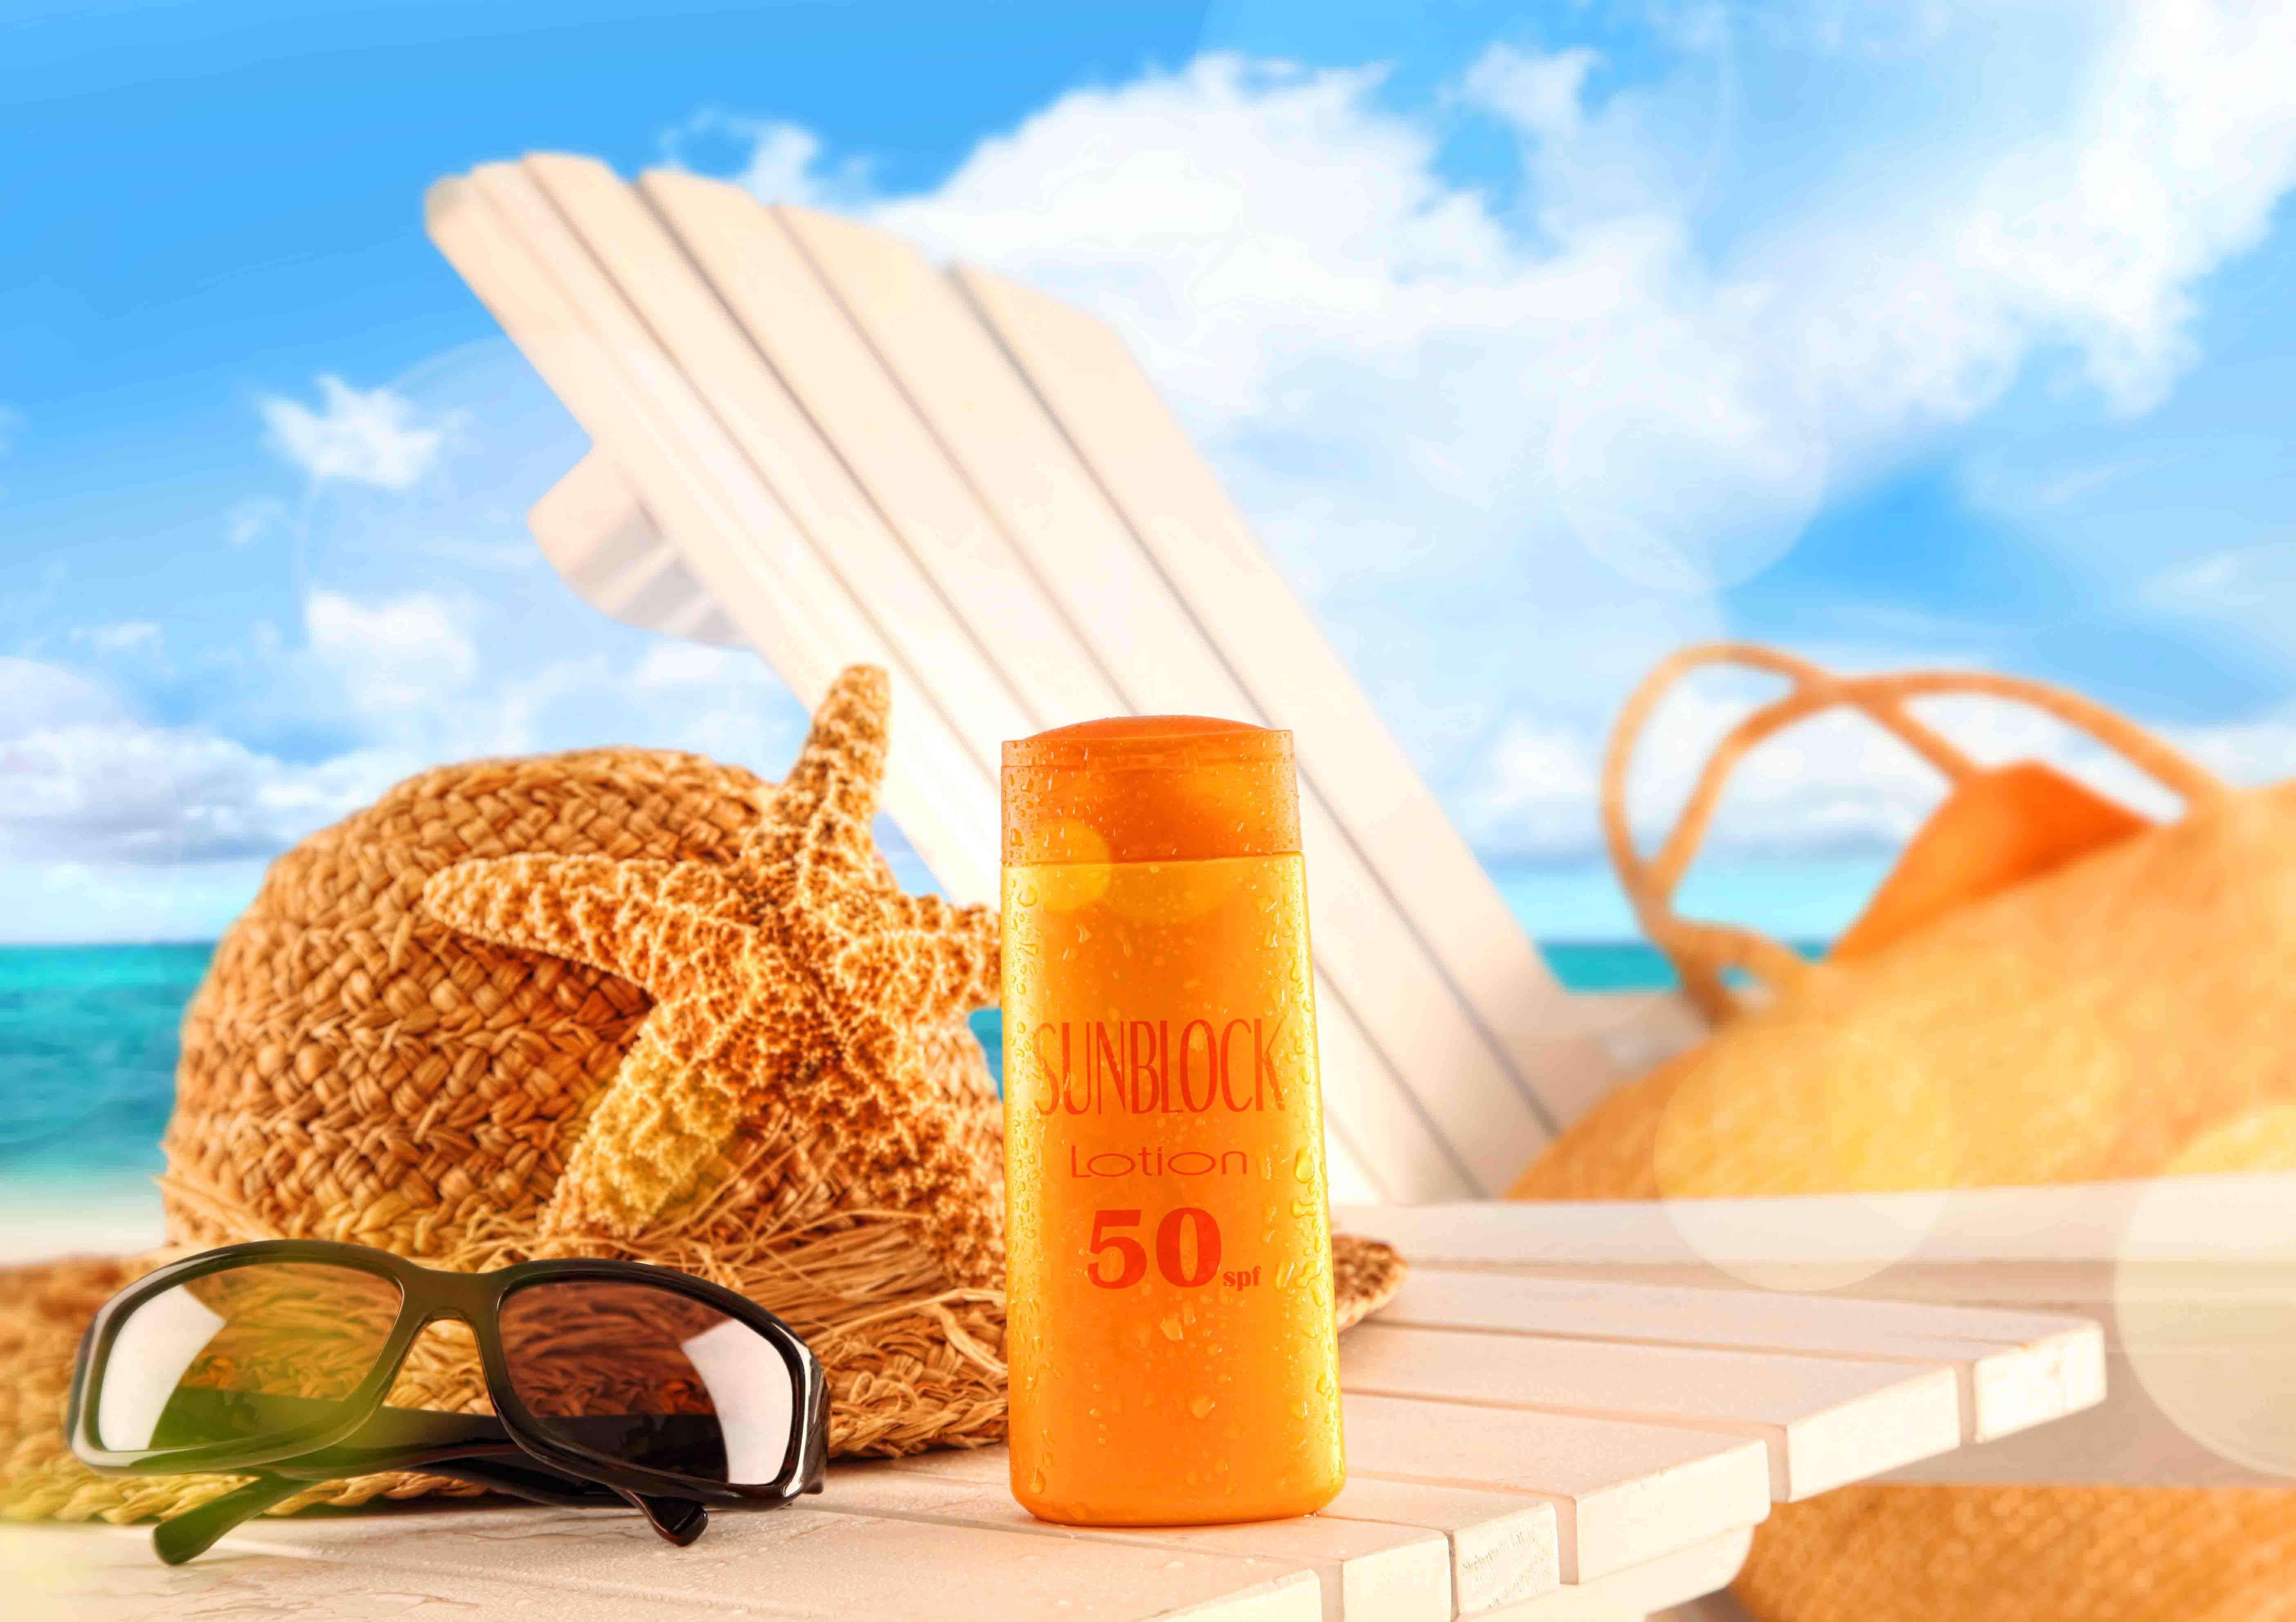 Солнцезащитный крем поможет защитить кожу